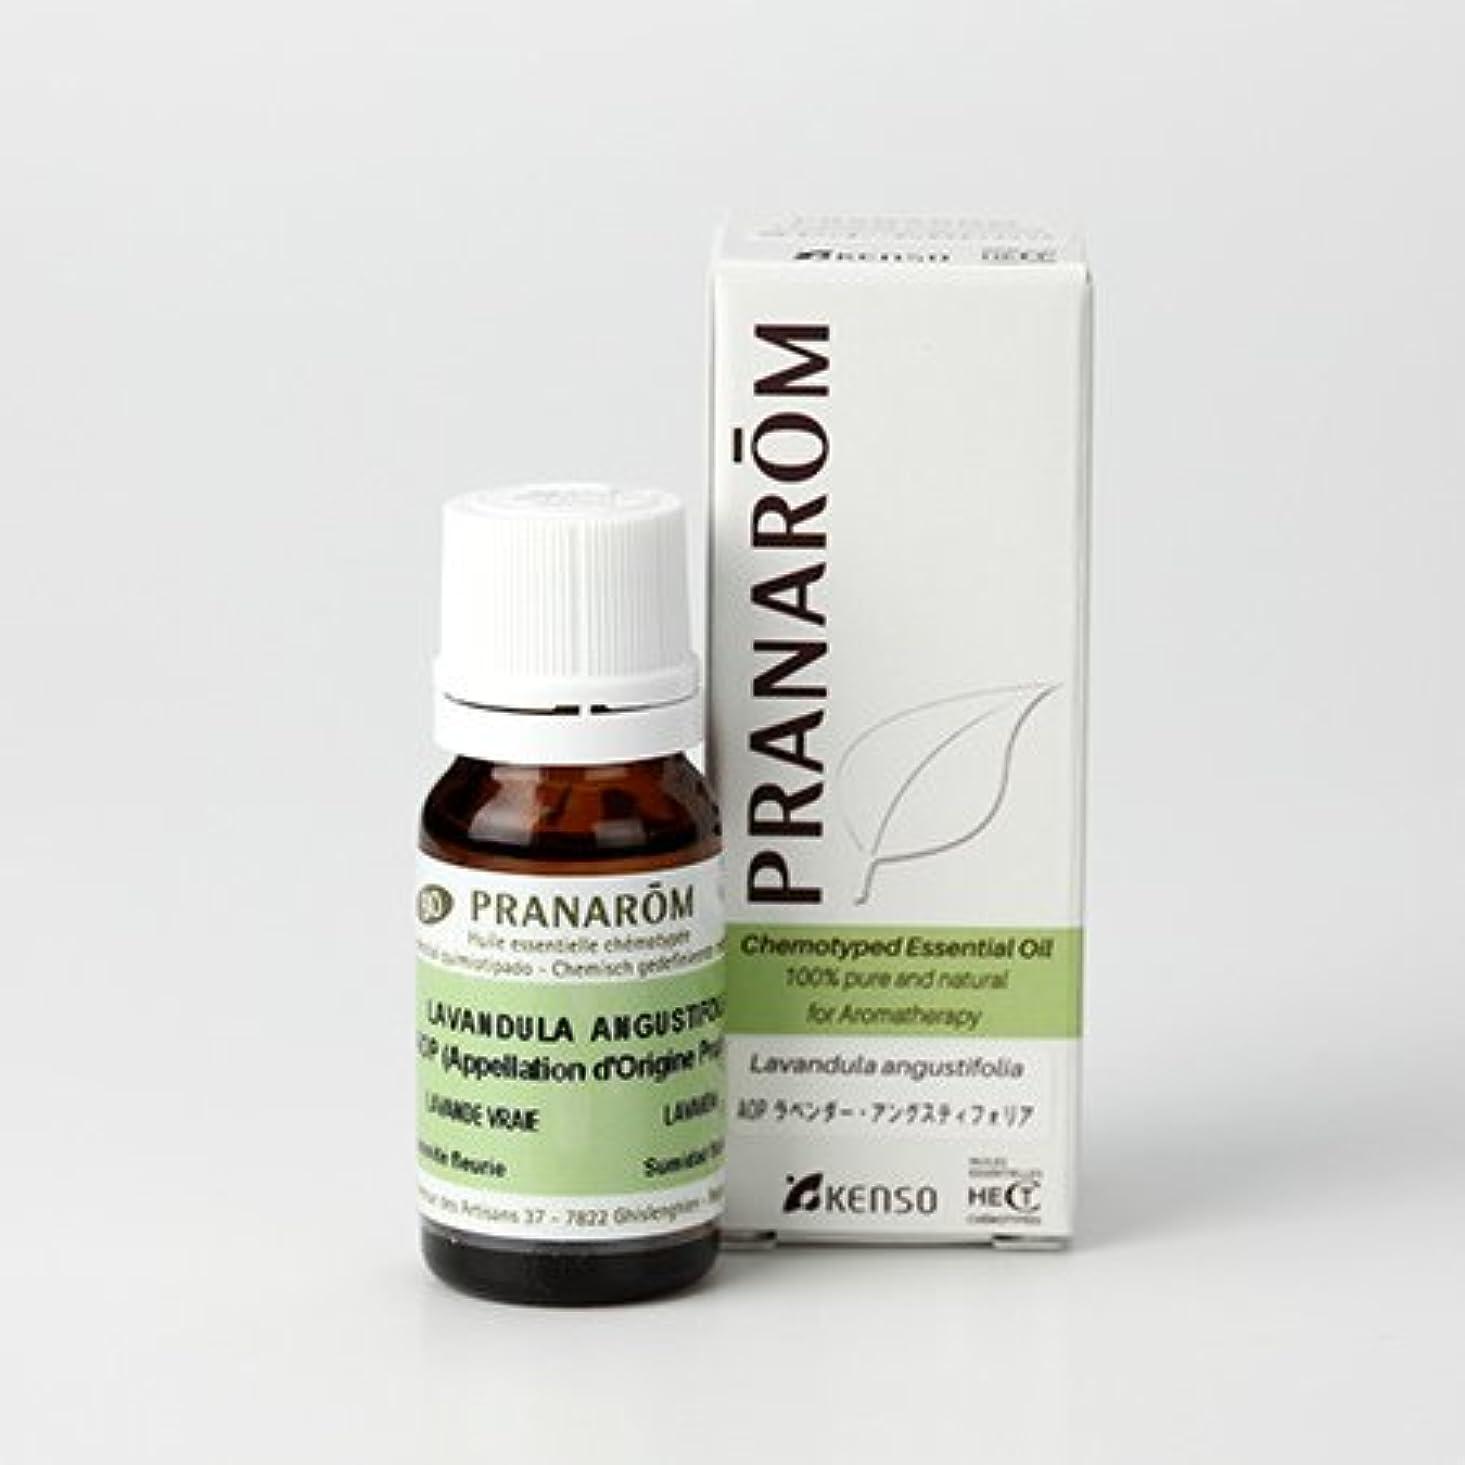 セラーゴムさておきプラナロム AOP ラベンダーアングスティオフォリア 10ml (PRANAROM ケモタイプ精油)